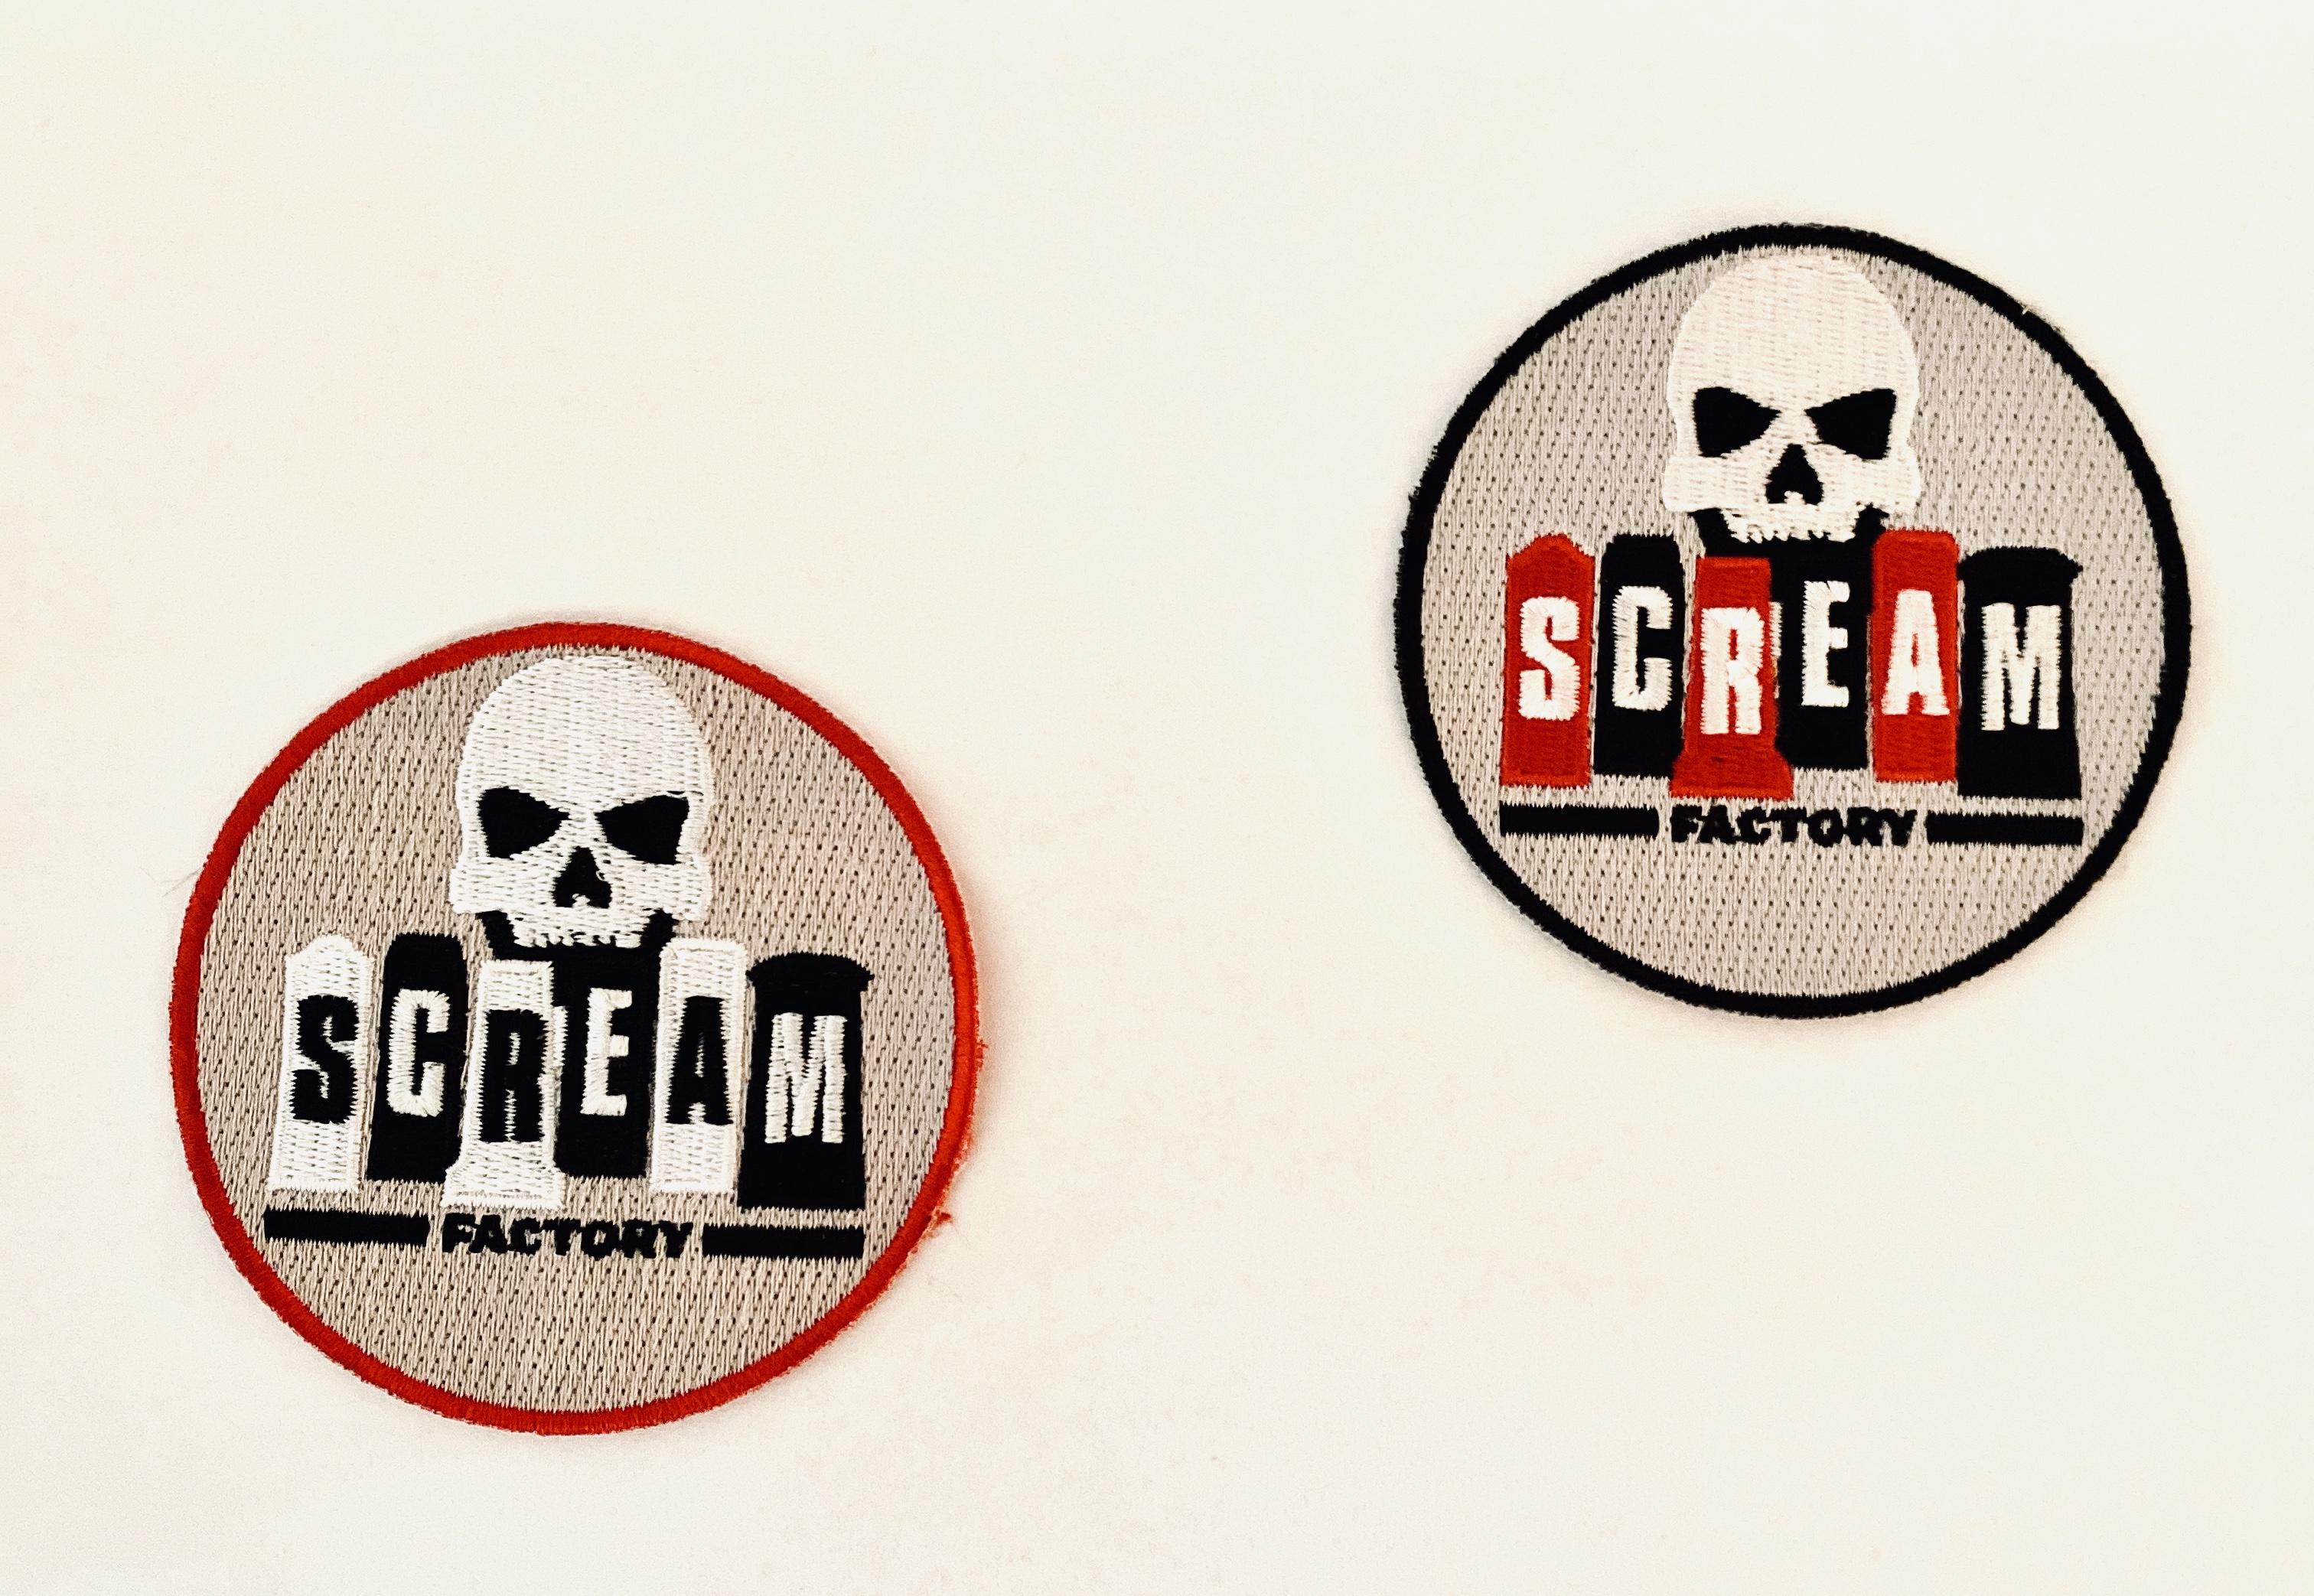 Scream_Patches_1